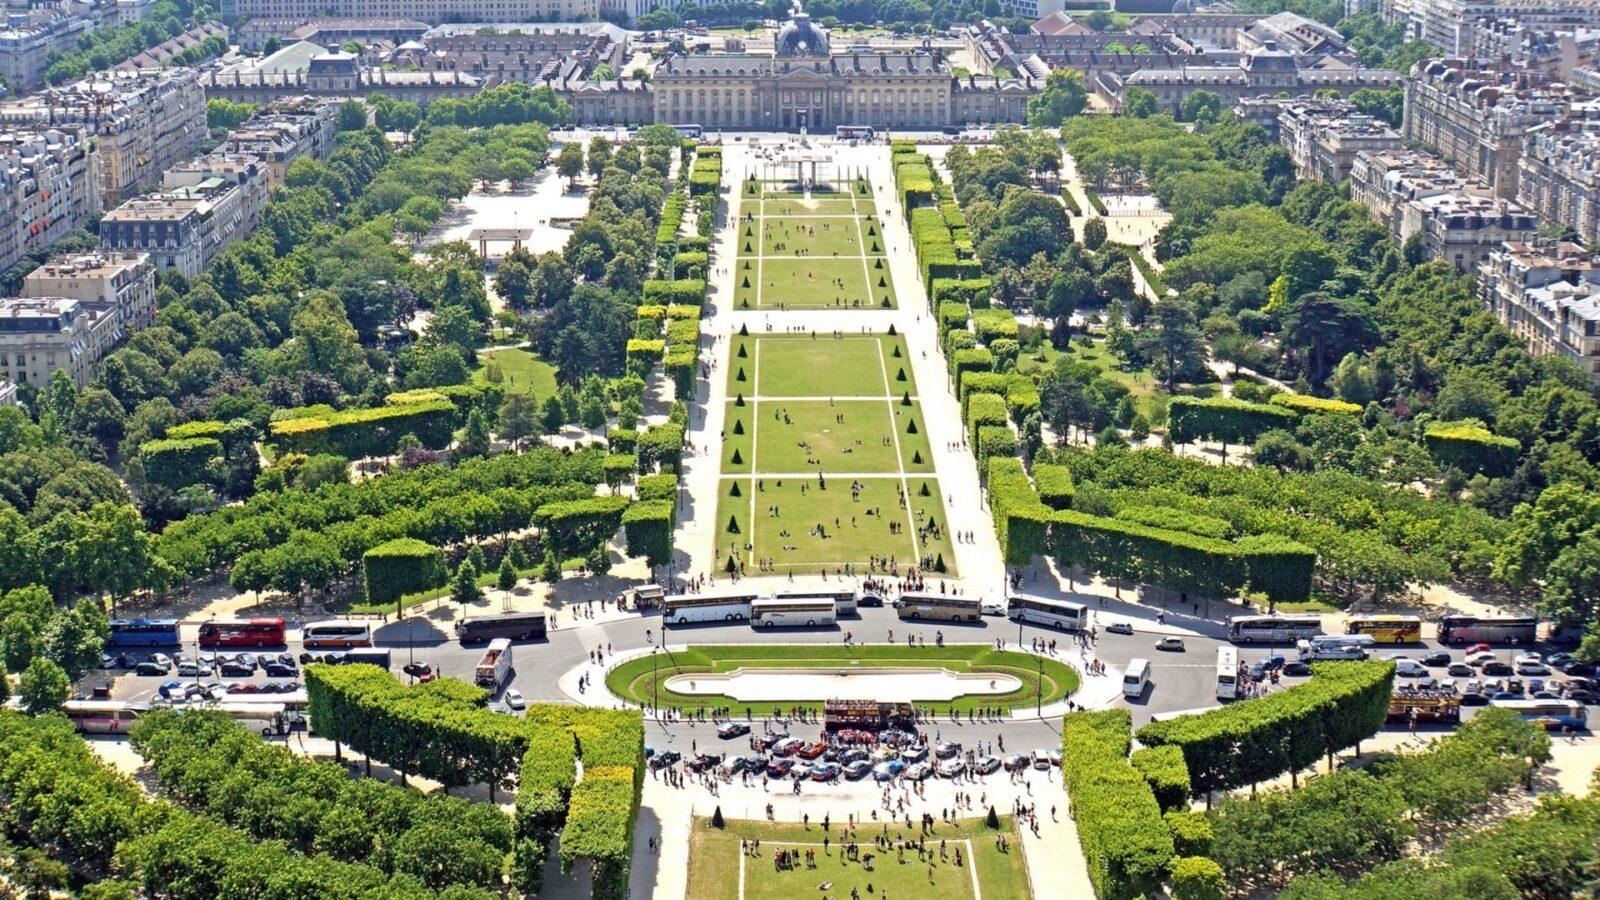 Parc du Champ-de-Mars